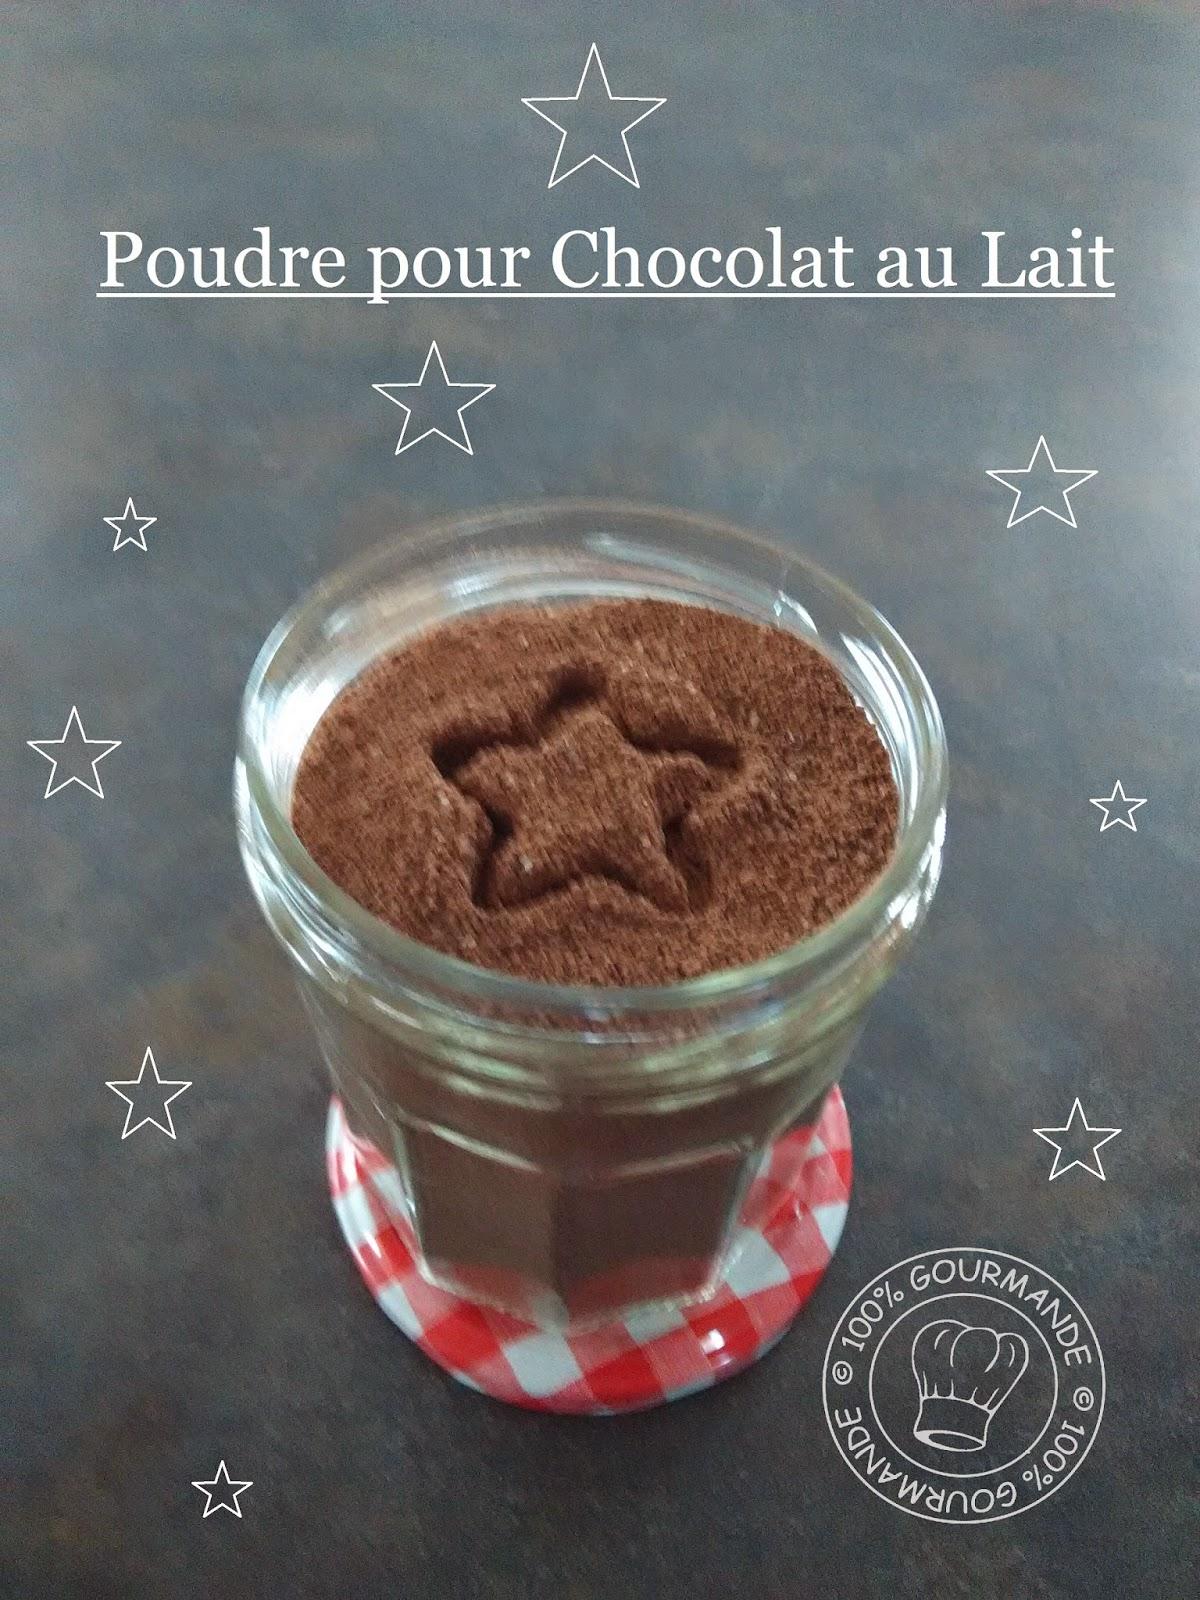 faire sa poudre pour chocolat au lait maison blogs de cuisine. Black Bedroom Furniture Sets. Home Design Ideas